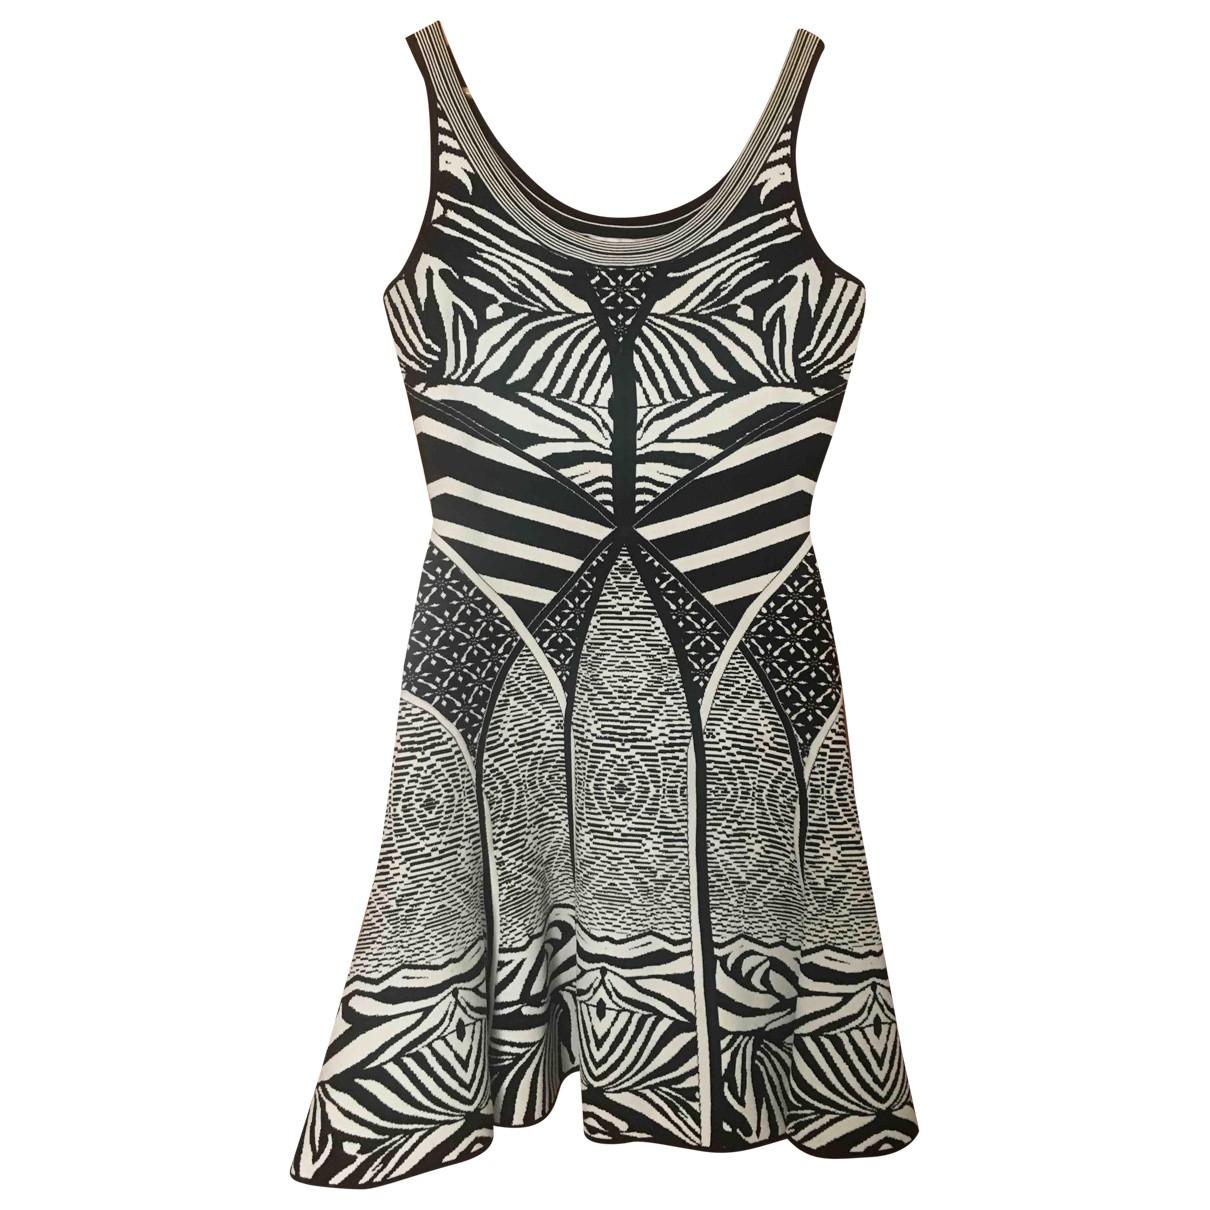 Diane Von Furstenberg \N dress for Women M International